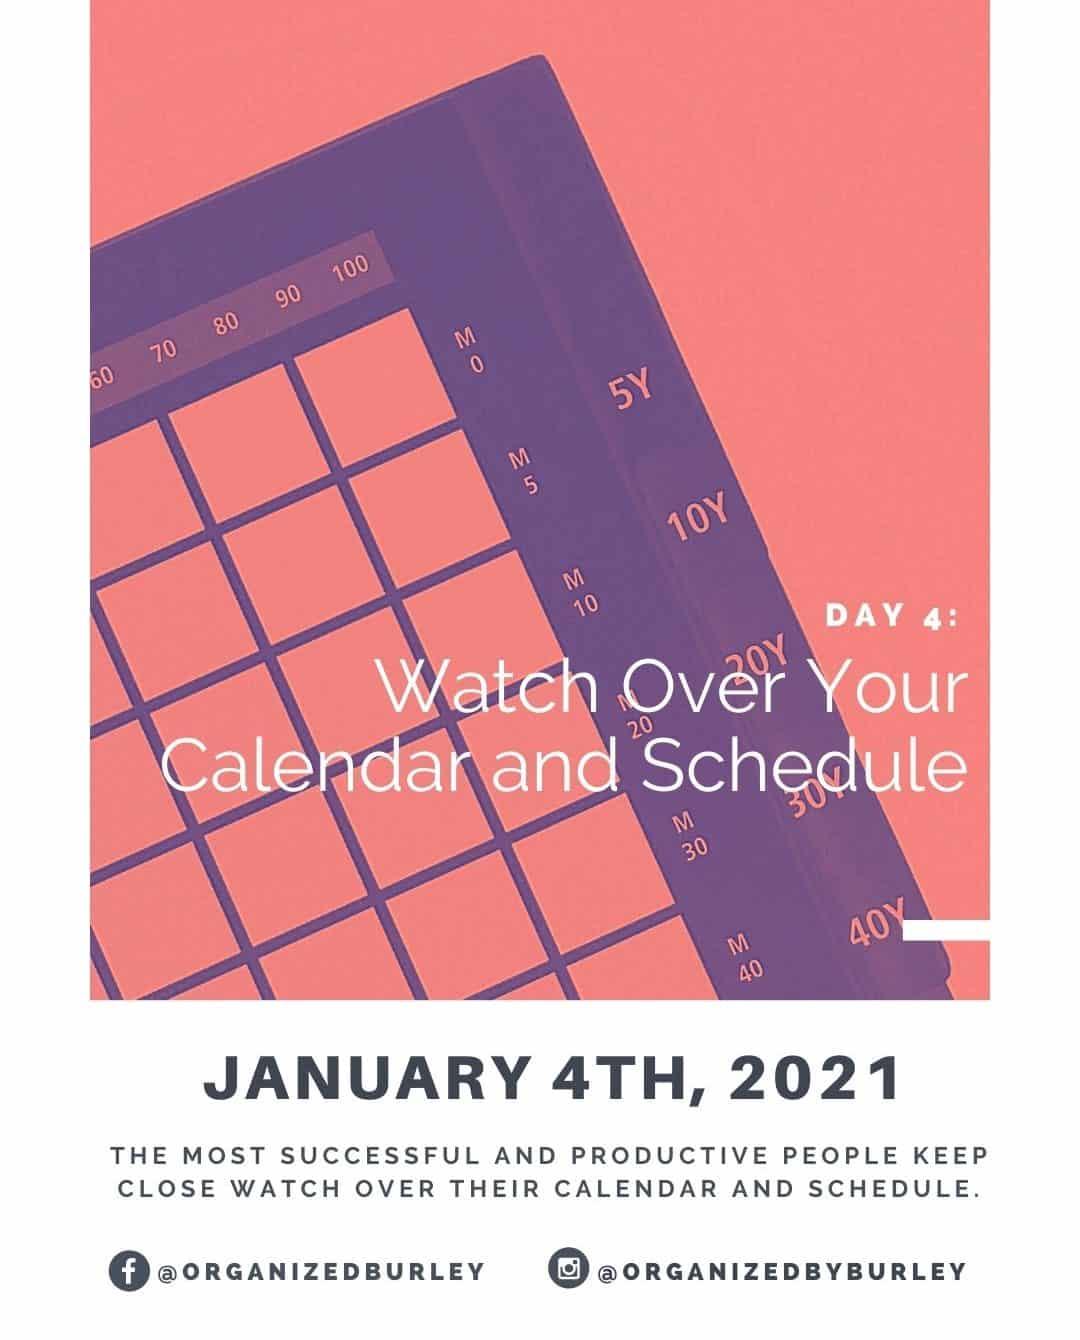 How to organize a calendar